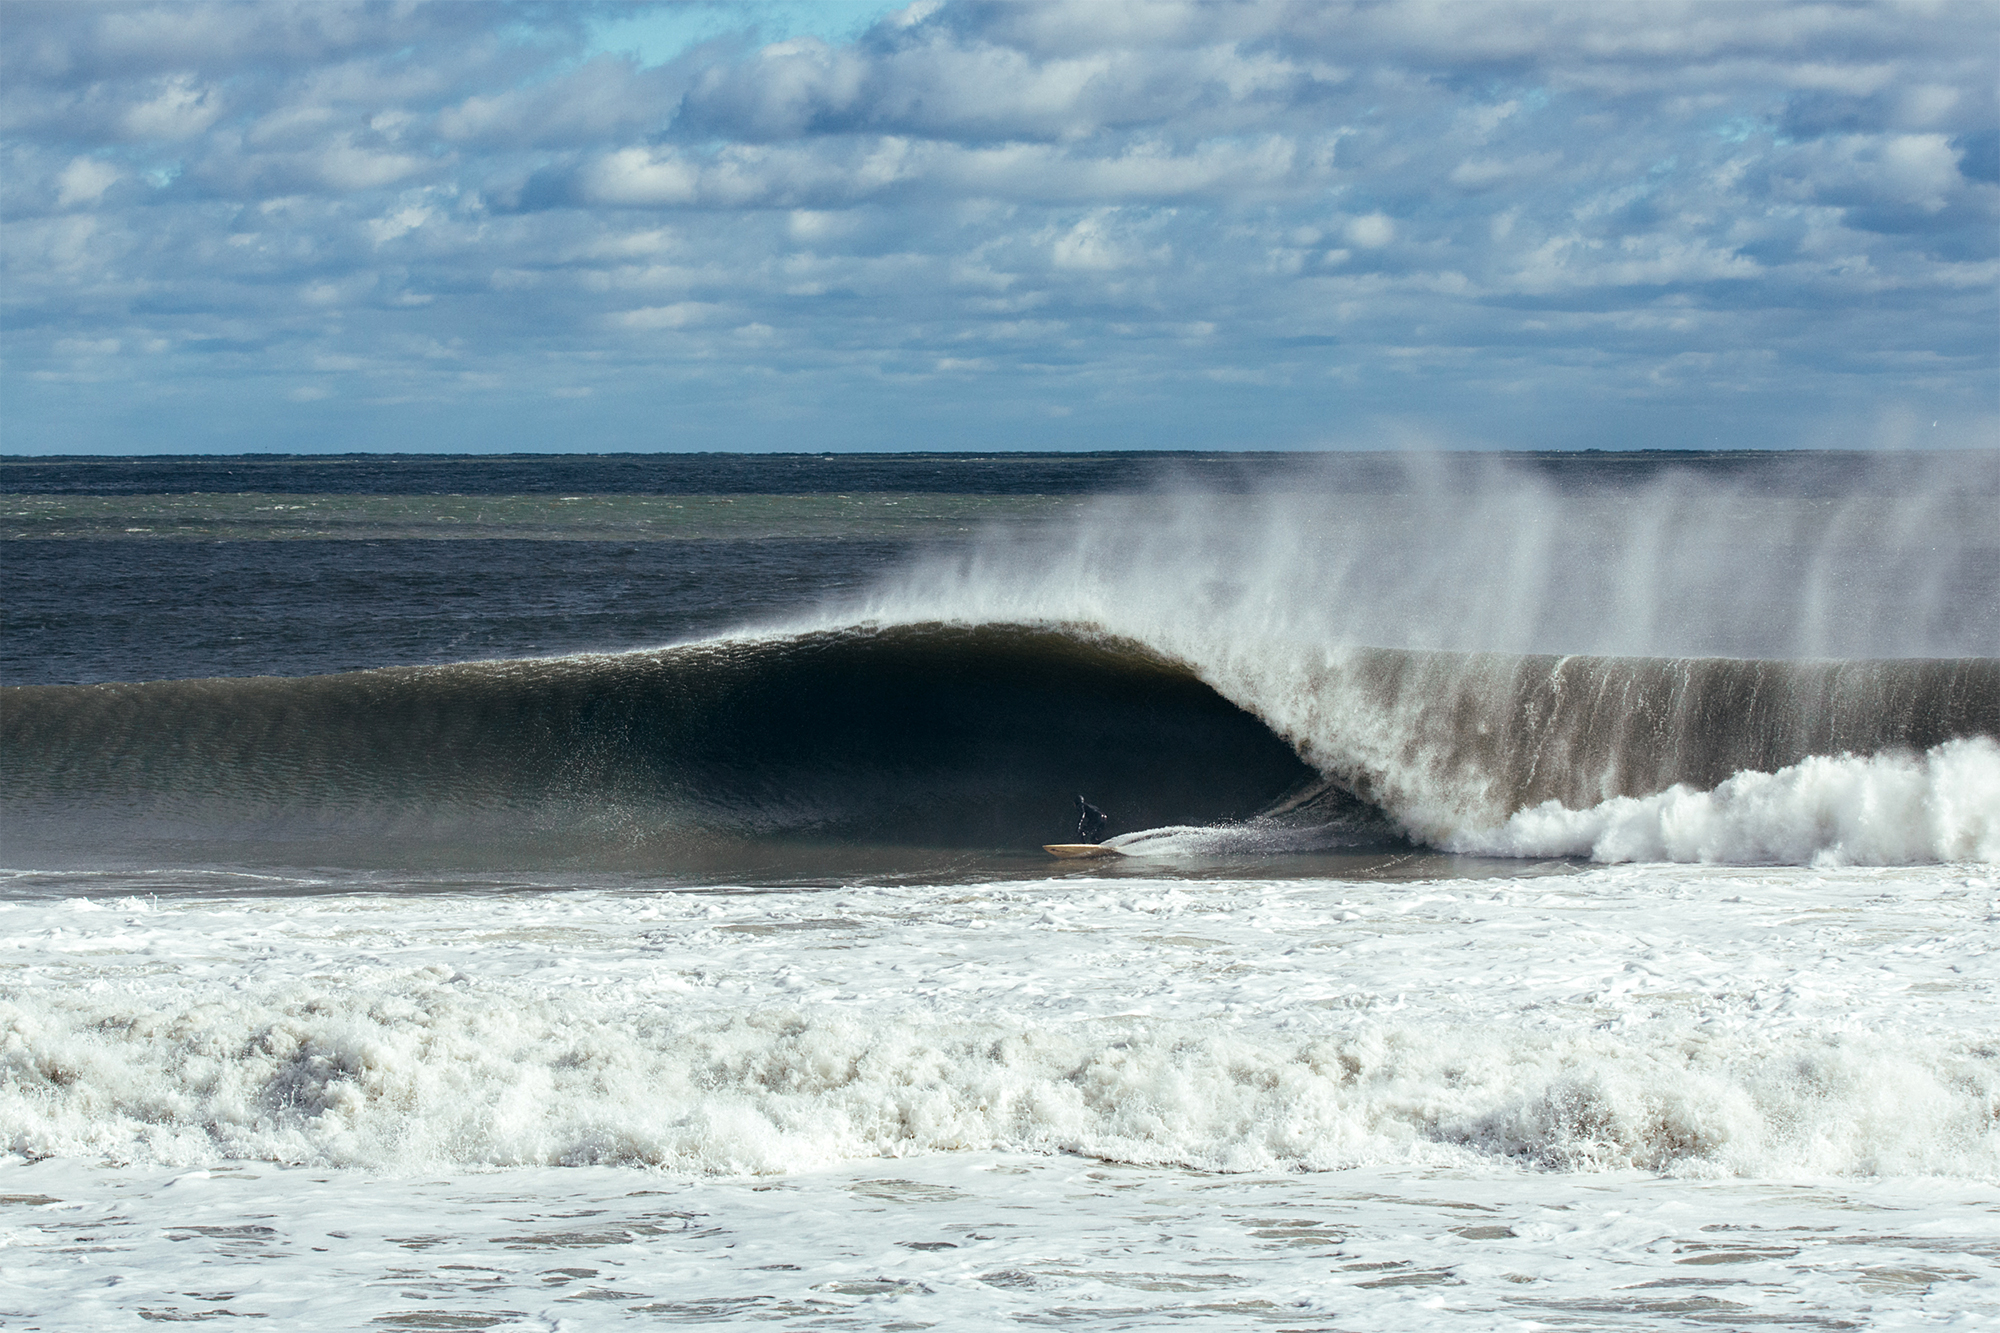 Slam Dunk Swell' Breaks the Boards in New Jersey - Surfline